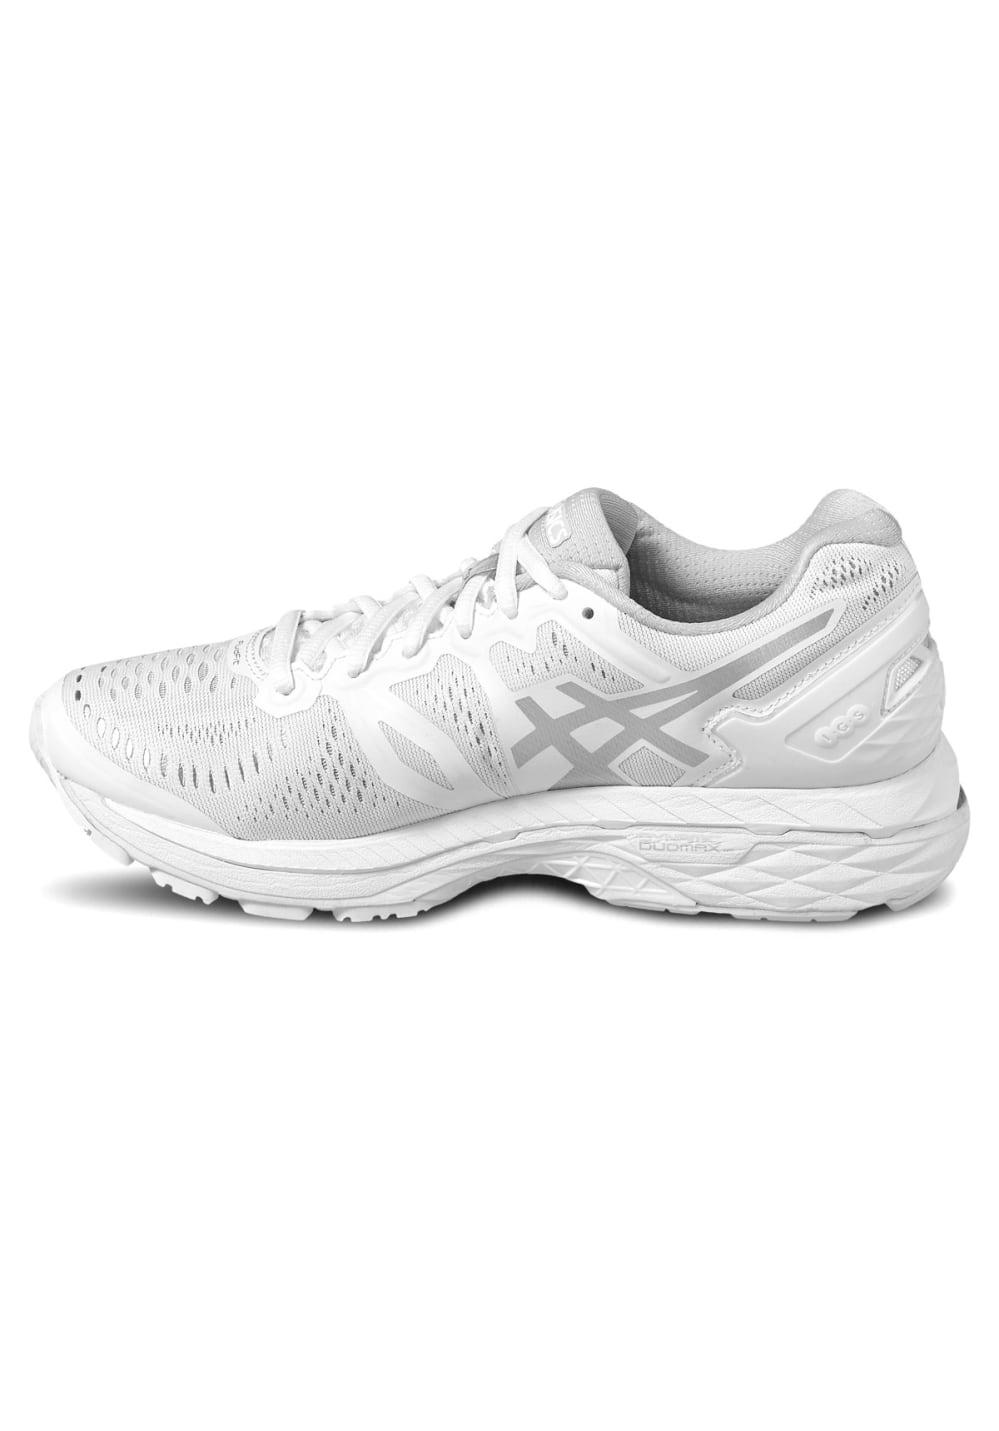 Asics Gel Running Kayano Gris 23 Chaussures Femme Pour 5qARL4j3